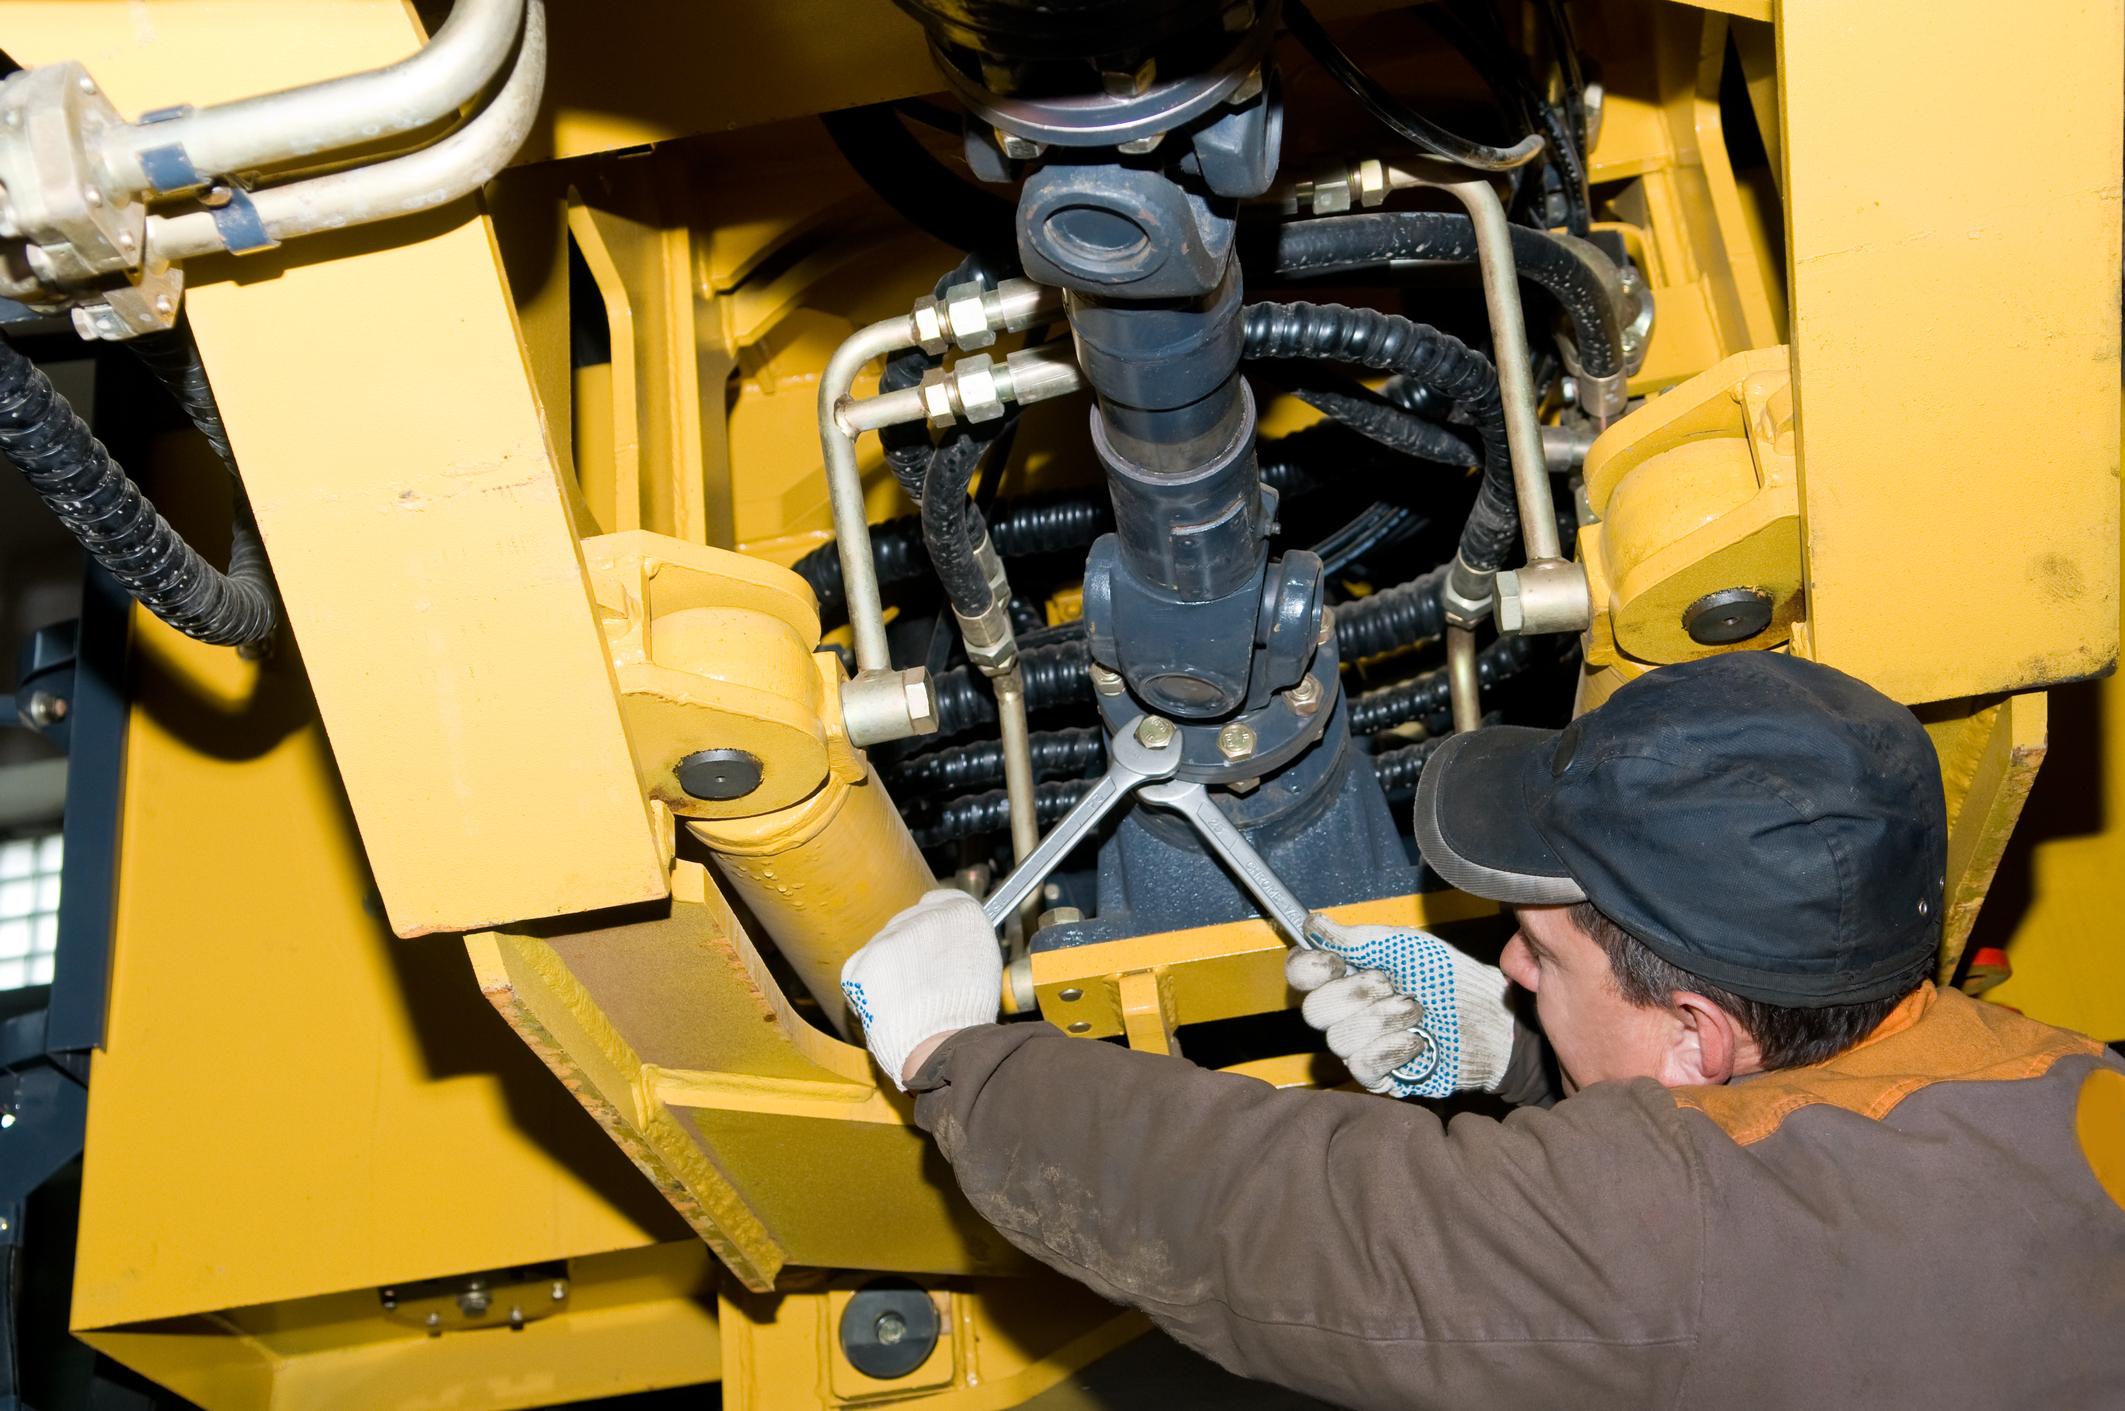 heavy equipment maintenance